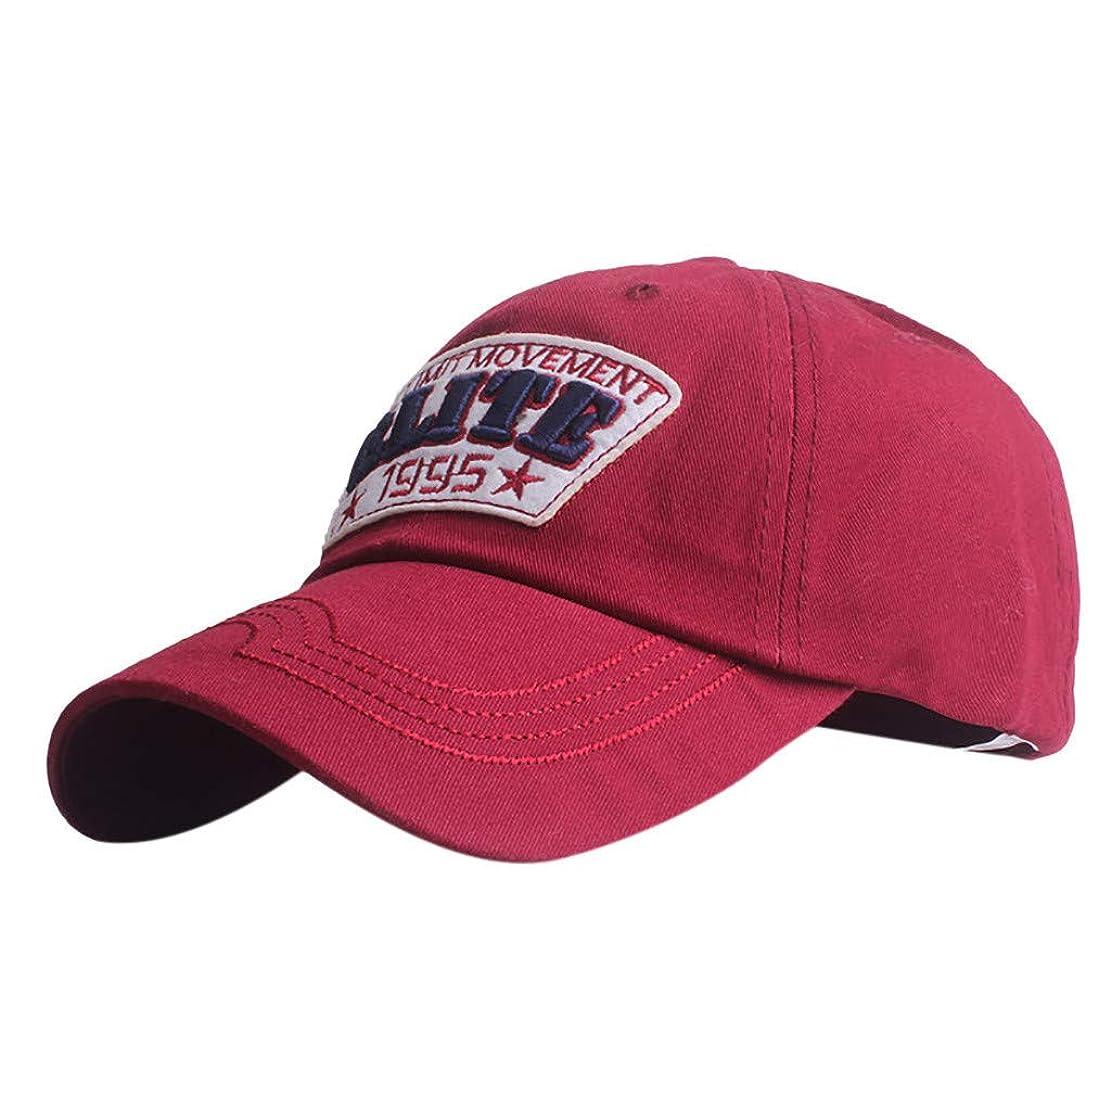 重さ愚か正確にキャップ 帽子 Keysims ベースボールキャップ ワークキャップ 刺繍英語柄 日除け UVカット 紫外線対策スポーツ帽子 おしゃれ ファッション 涼しい 風通し 蒸れない 男女兼用 小顔効果 アクセサリー 春夏にかぶる メッシュ帽 サイズ調整可能